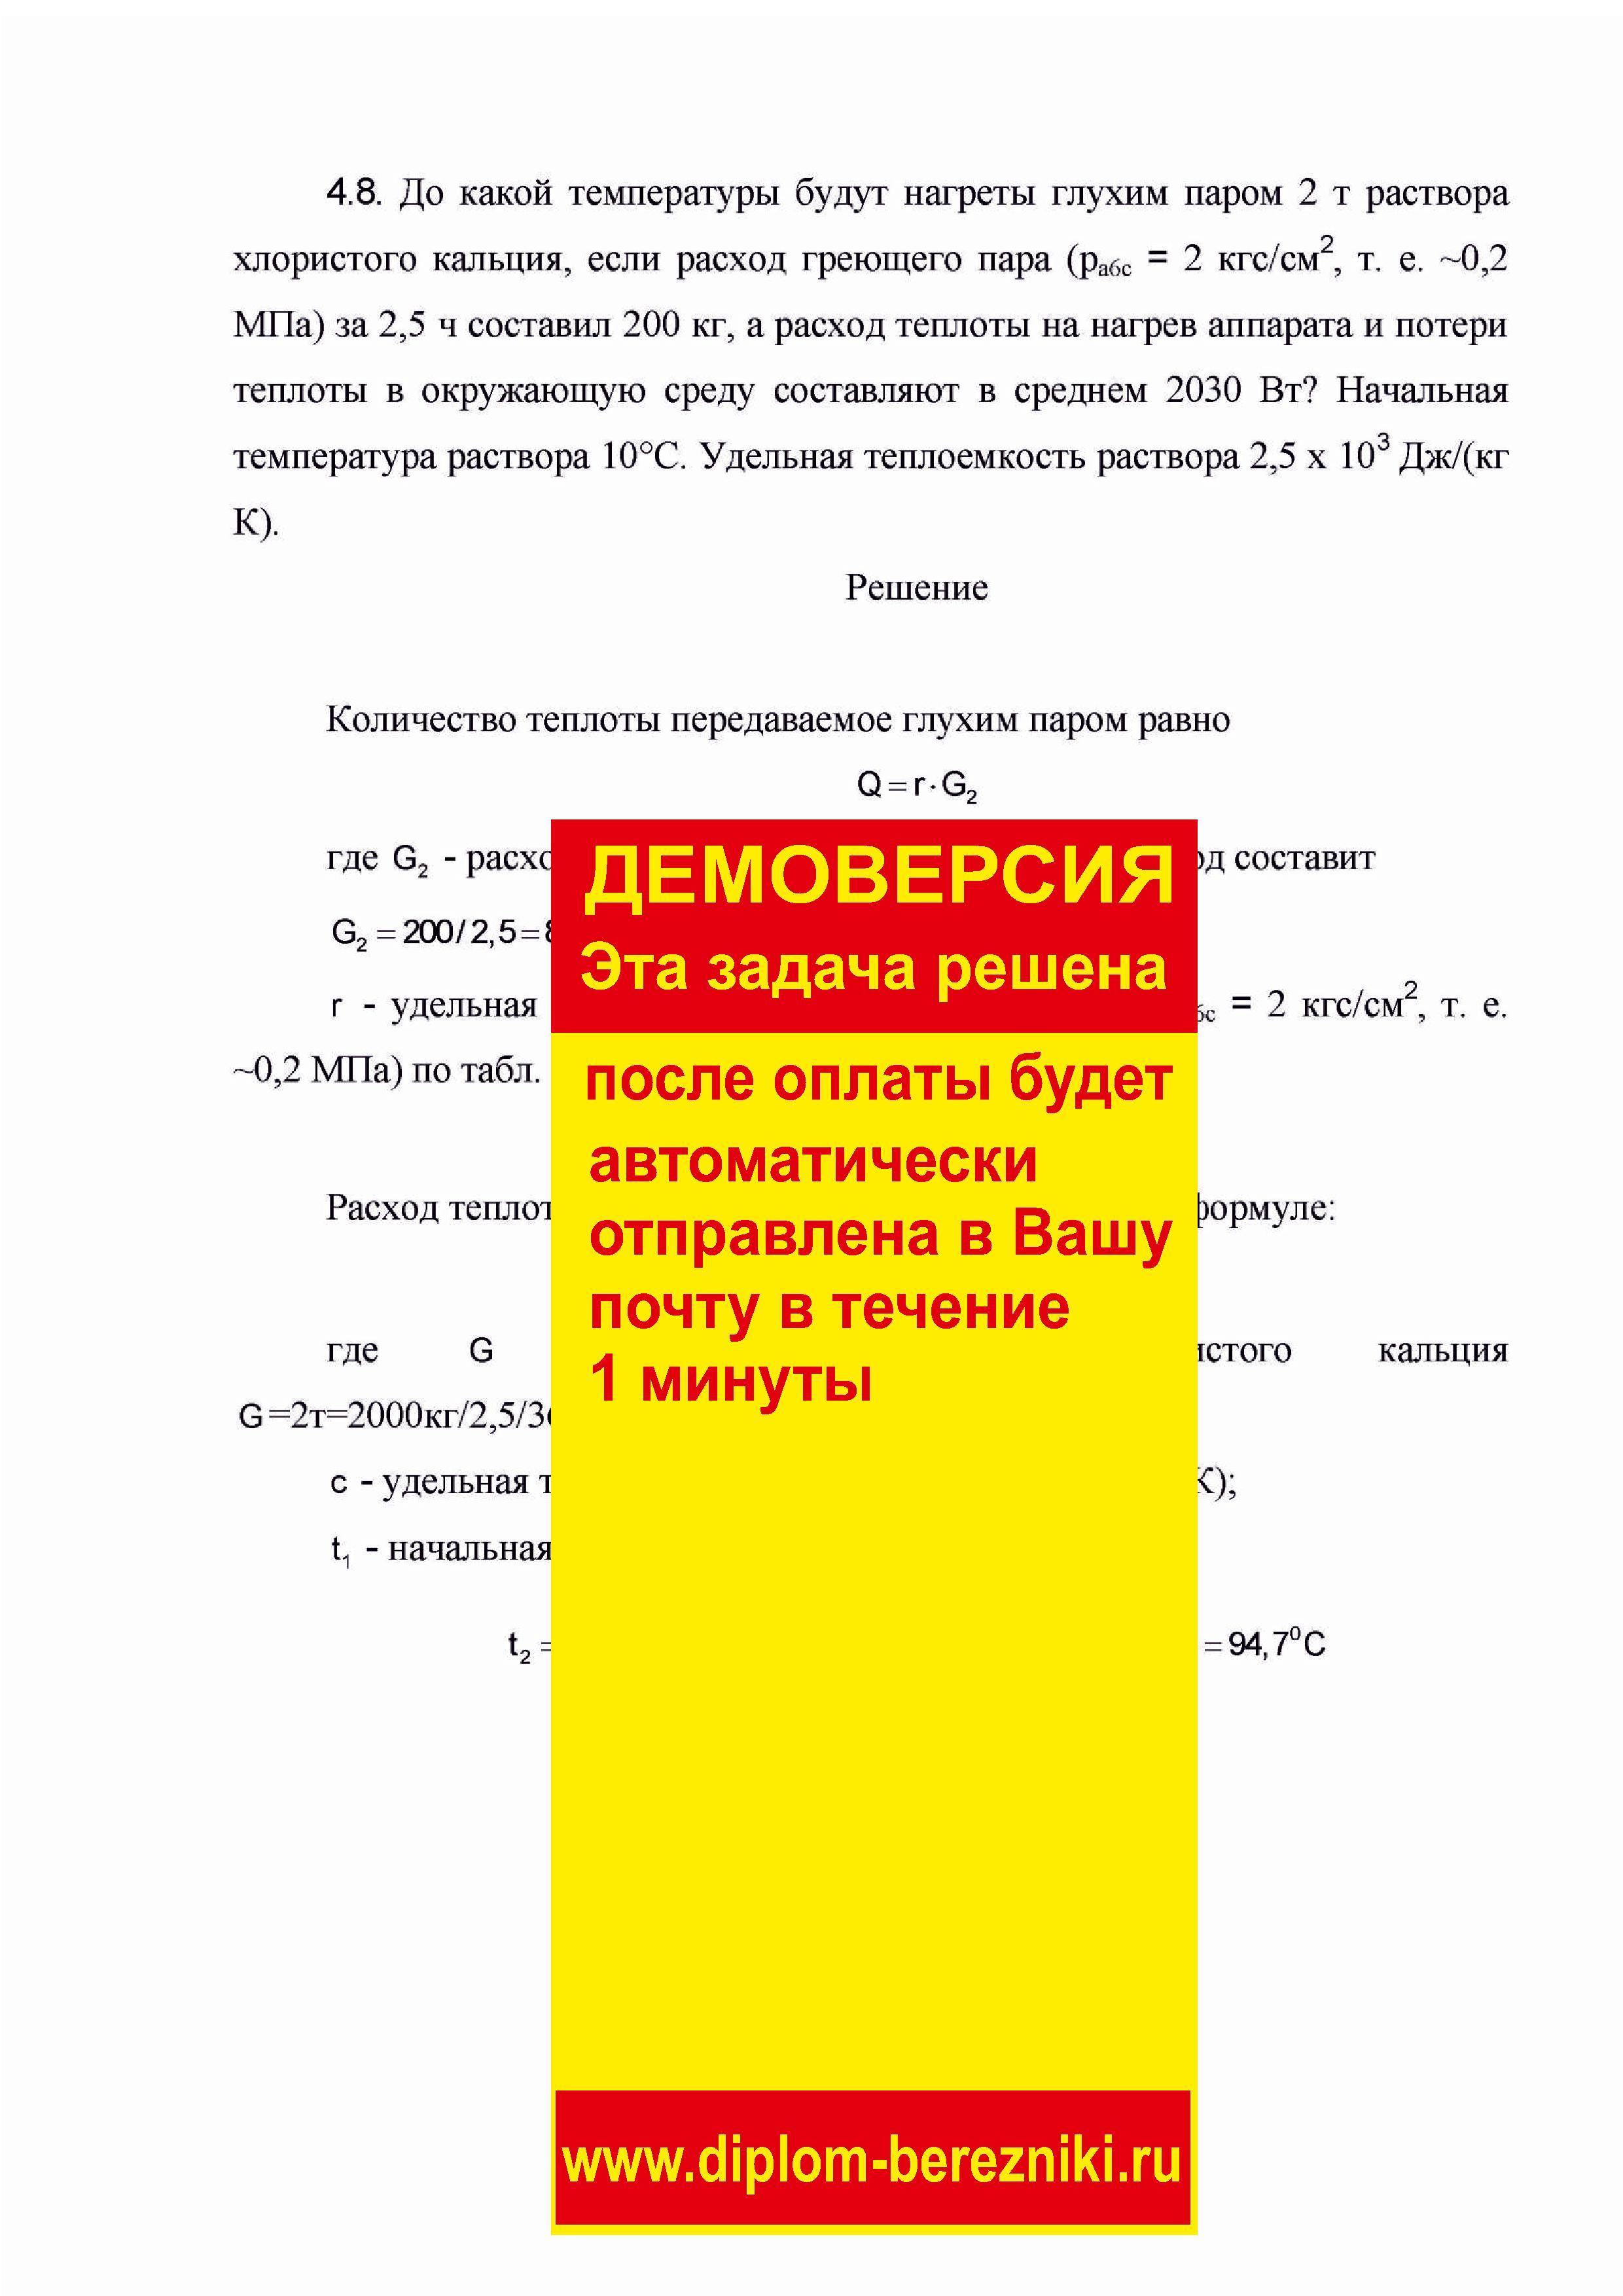 Решение задачи 4.8 по ПАХТ из задачника Павлова Романкова Носкова